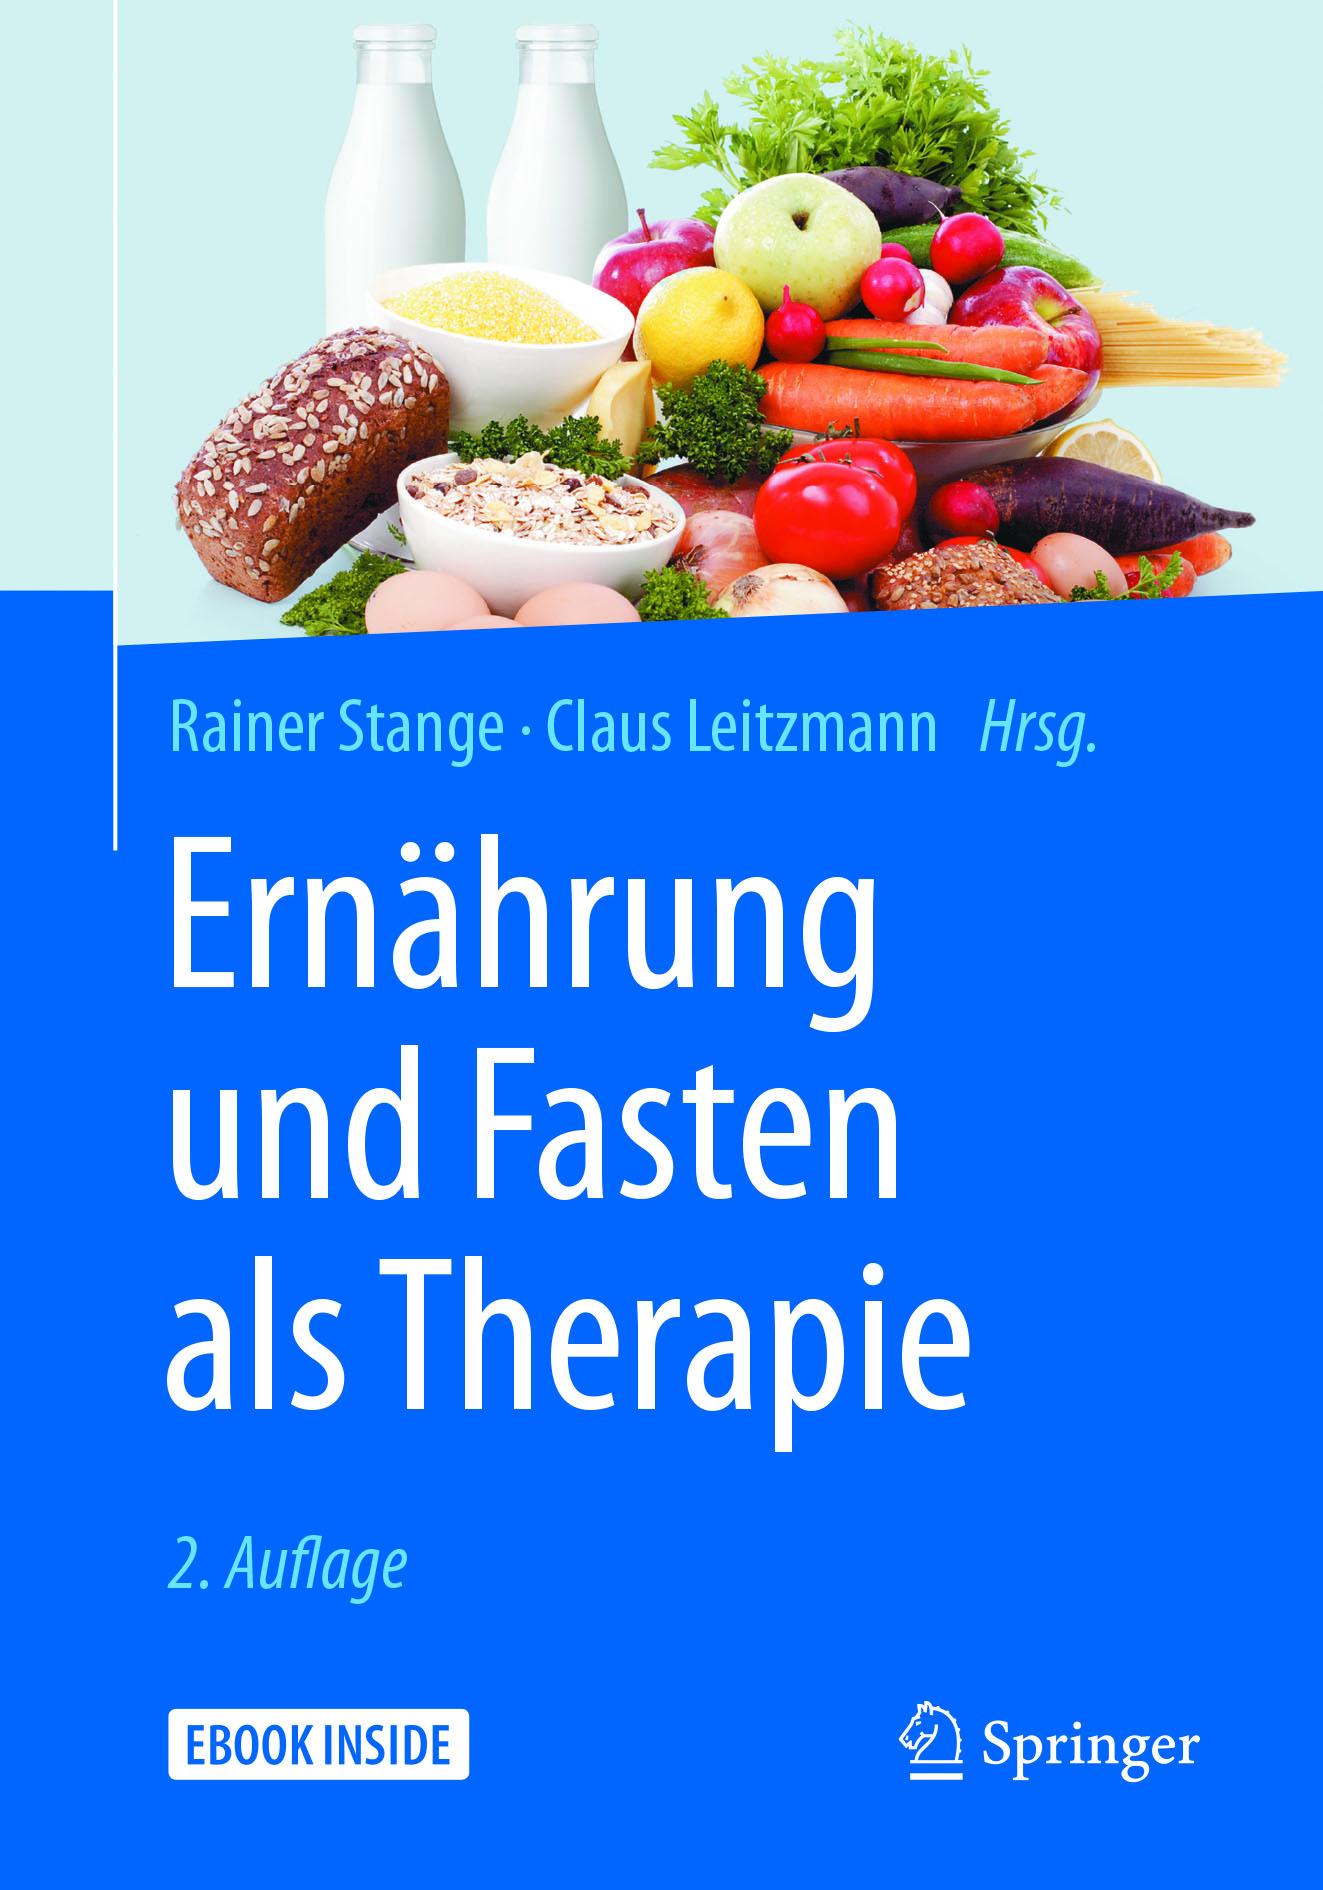 Leitzmann, Claus - Ernährung und Fasten als Therapie, ebook